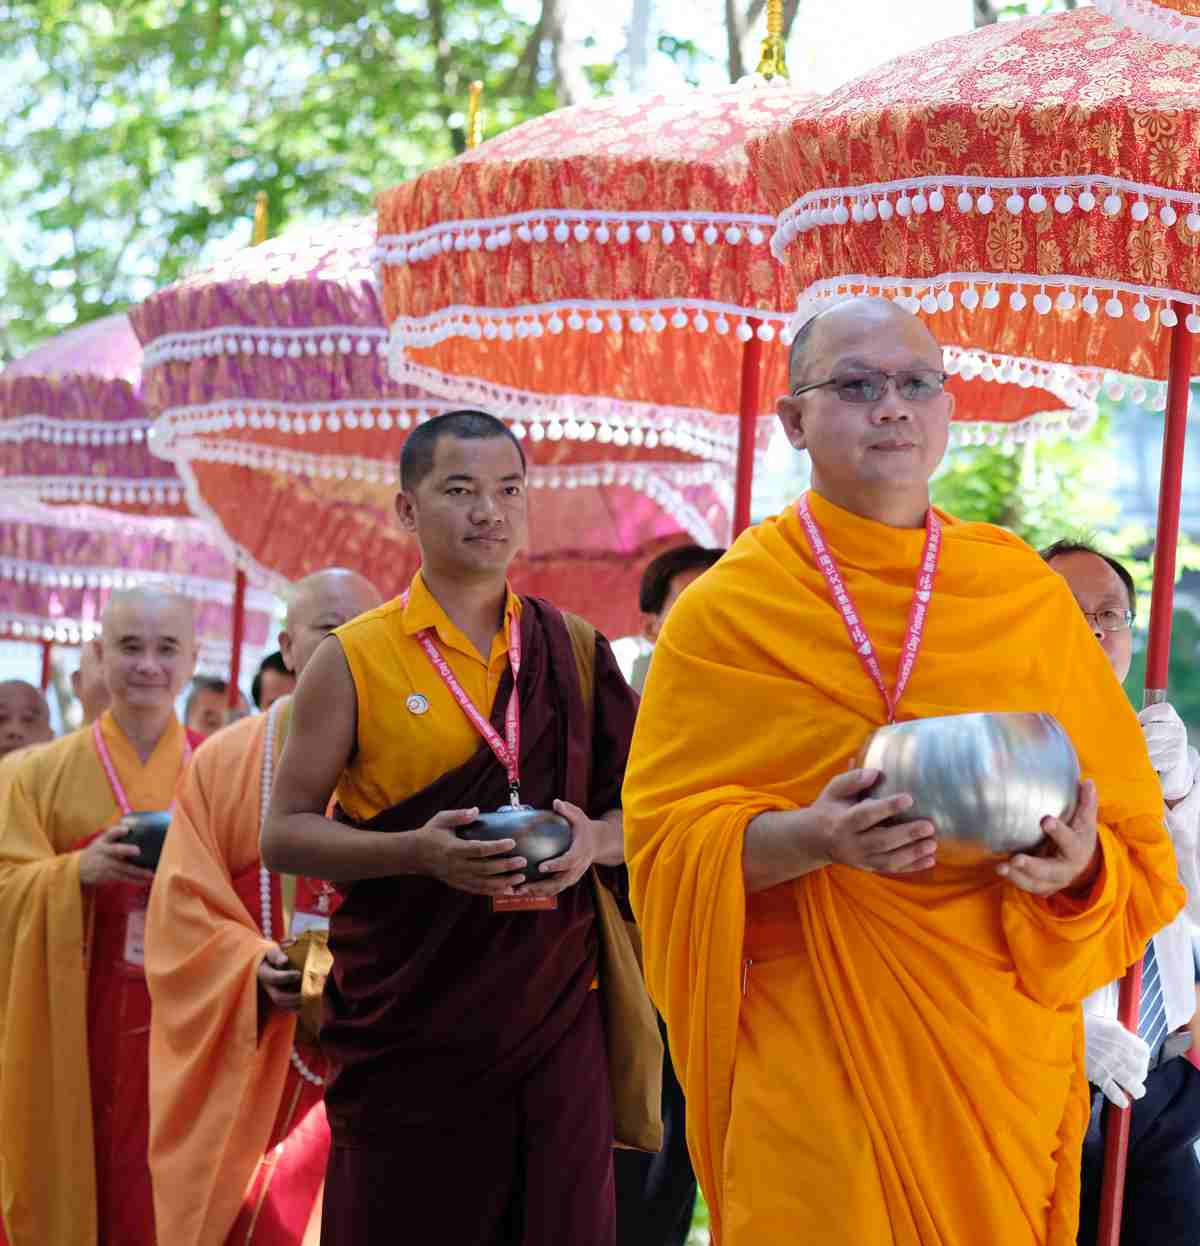 Happy Buddha Day Celebration Program